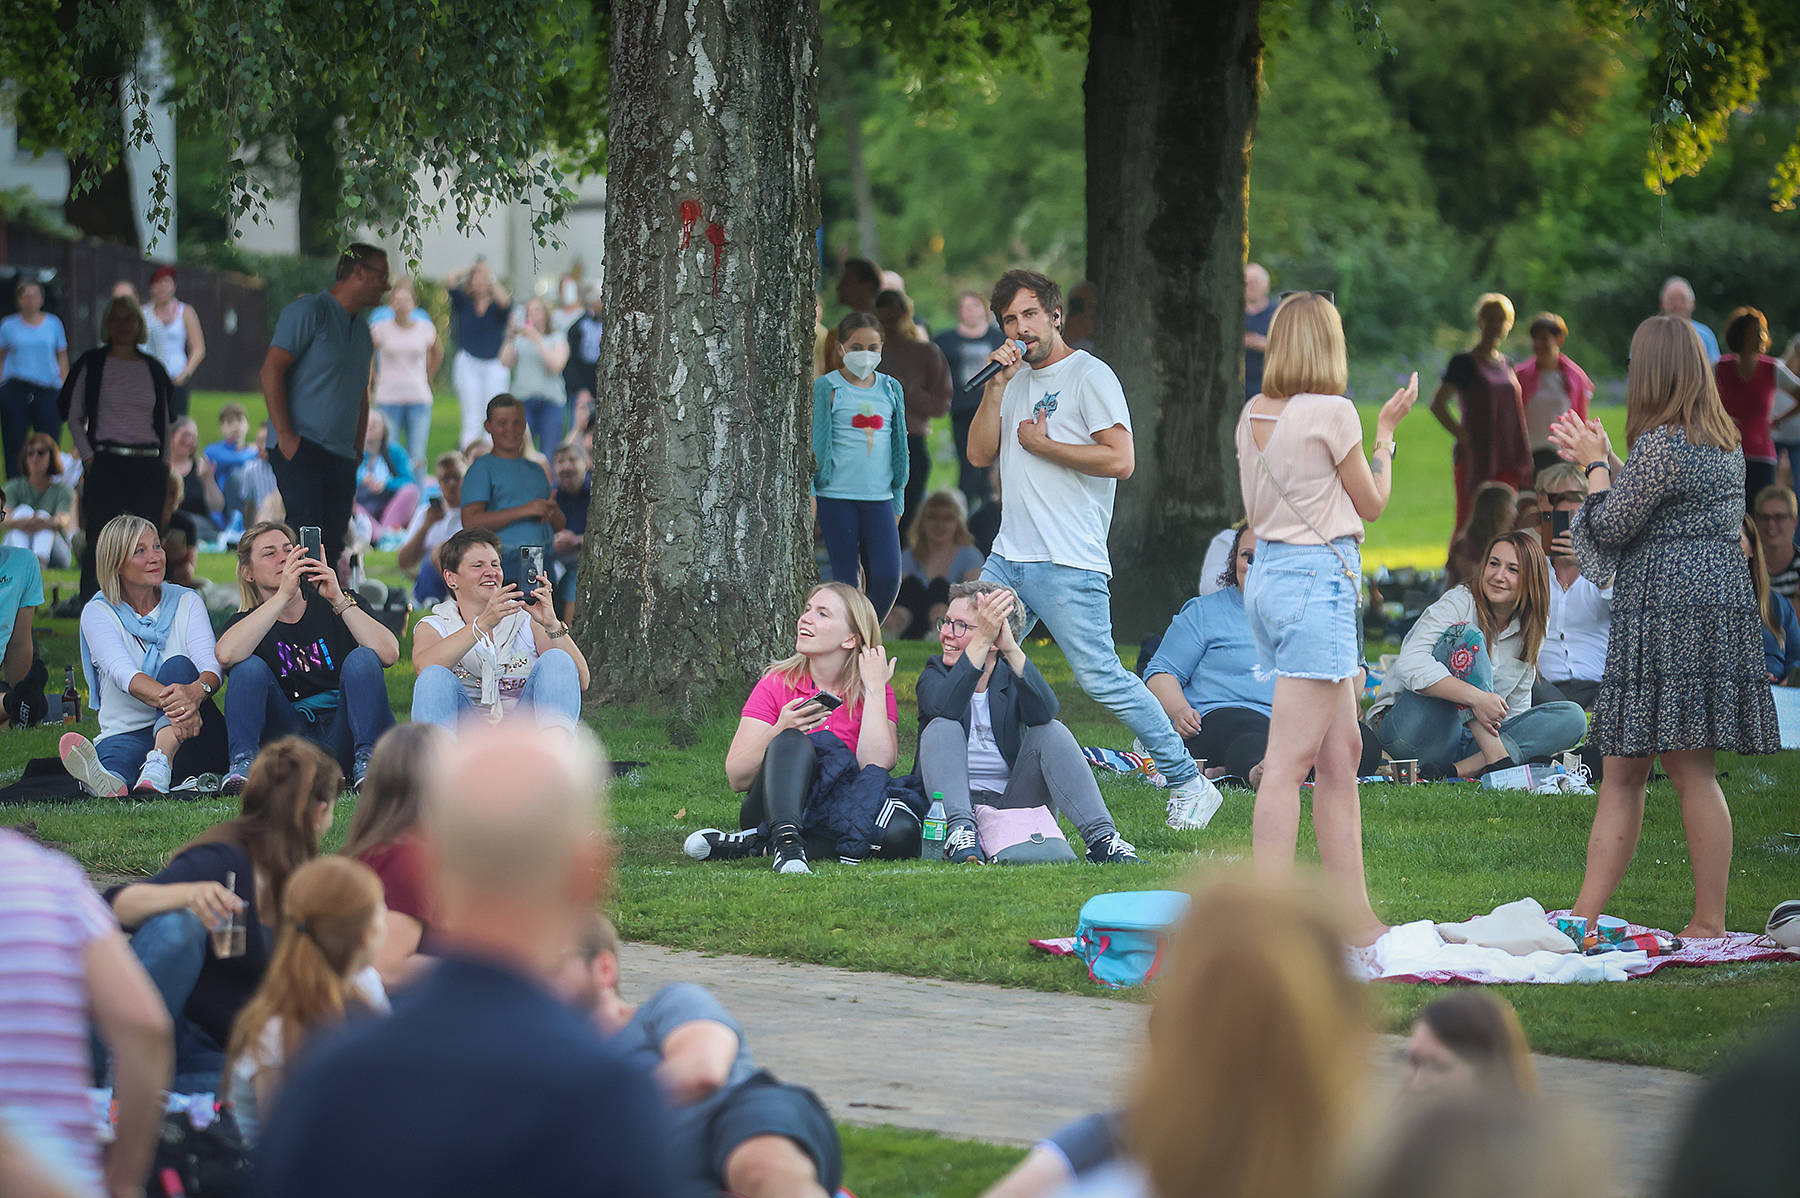 Max Giesinger-Konzert im Bürgerpark Bielefeld